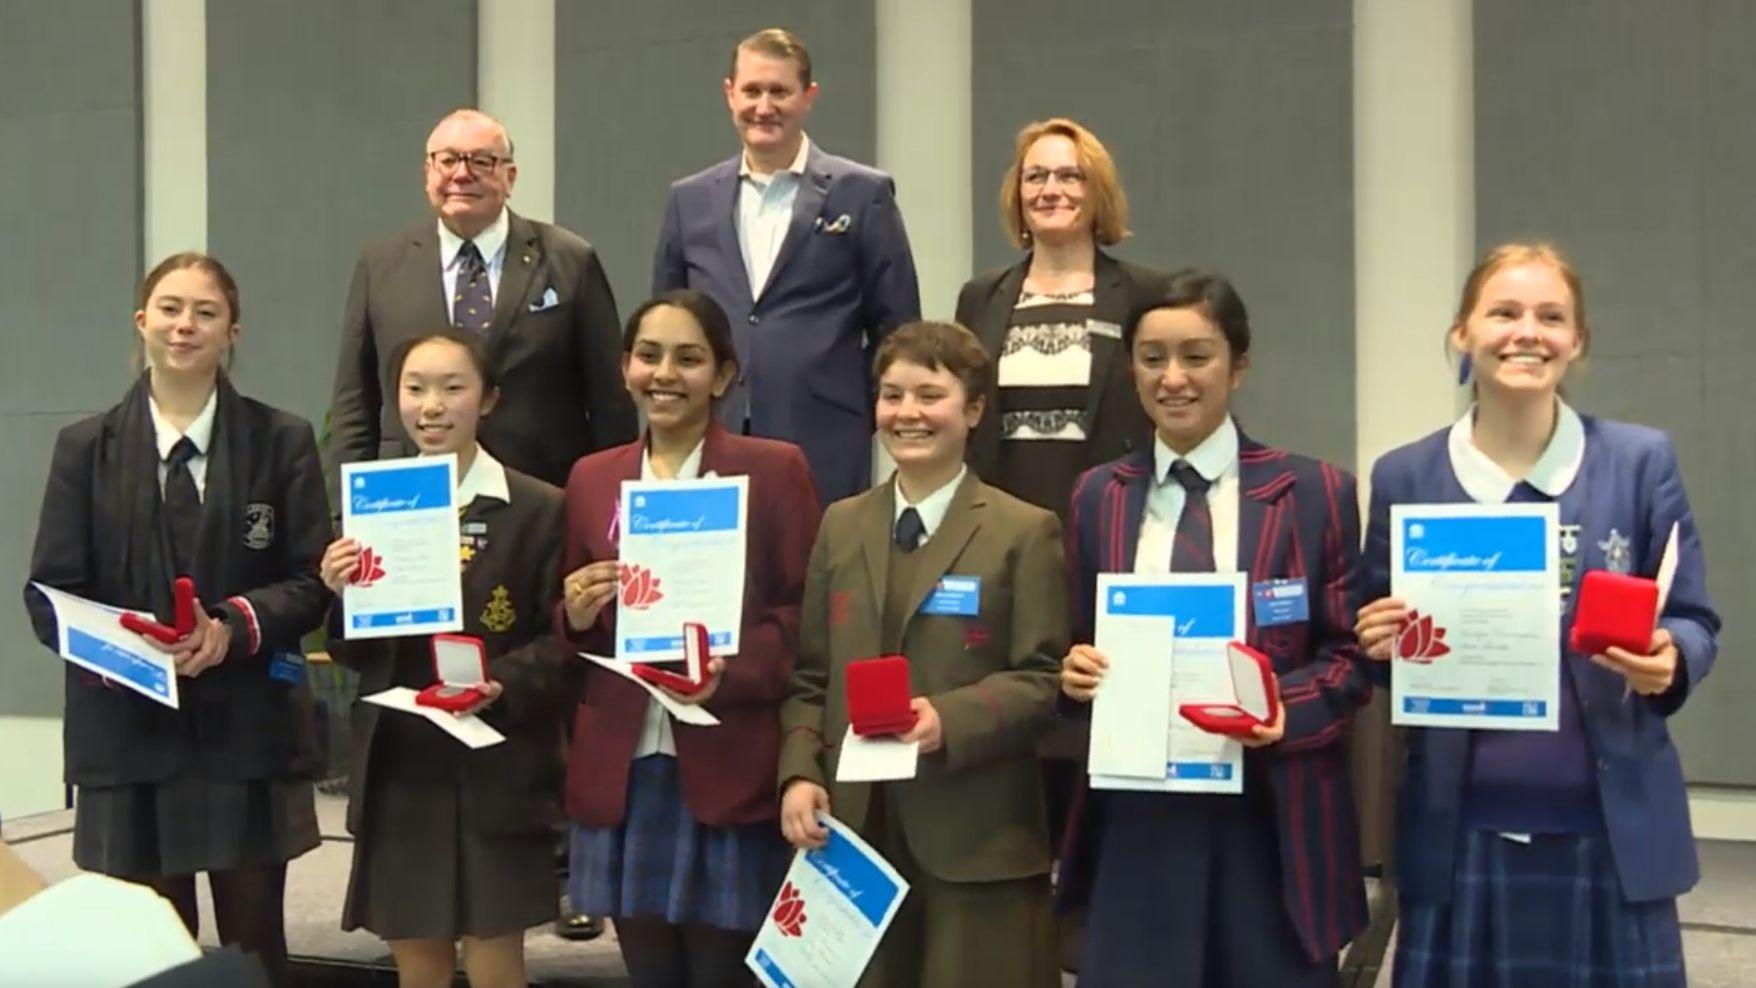 NSW Plain English Speaking Award 2019 Final